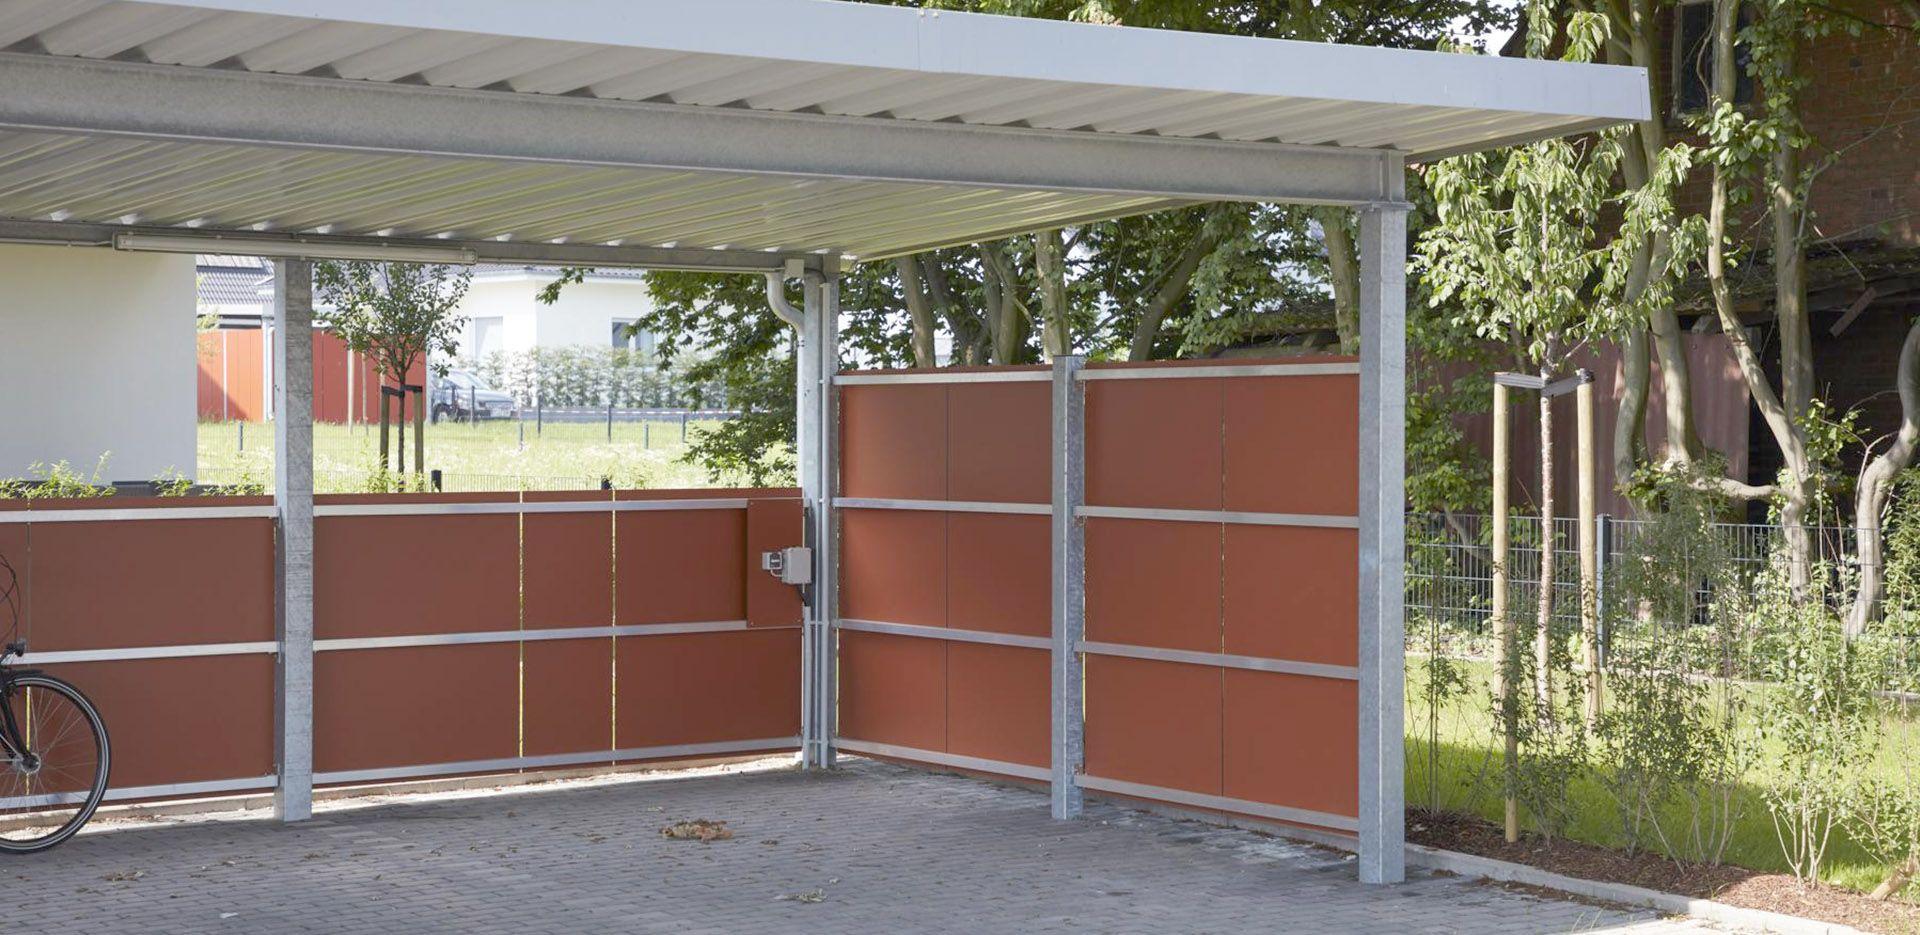 Carport aus Stahl, Konstruktion feuerverzinkt, Seitenwände